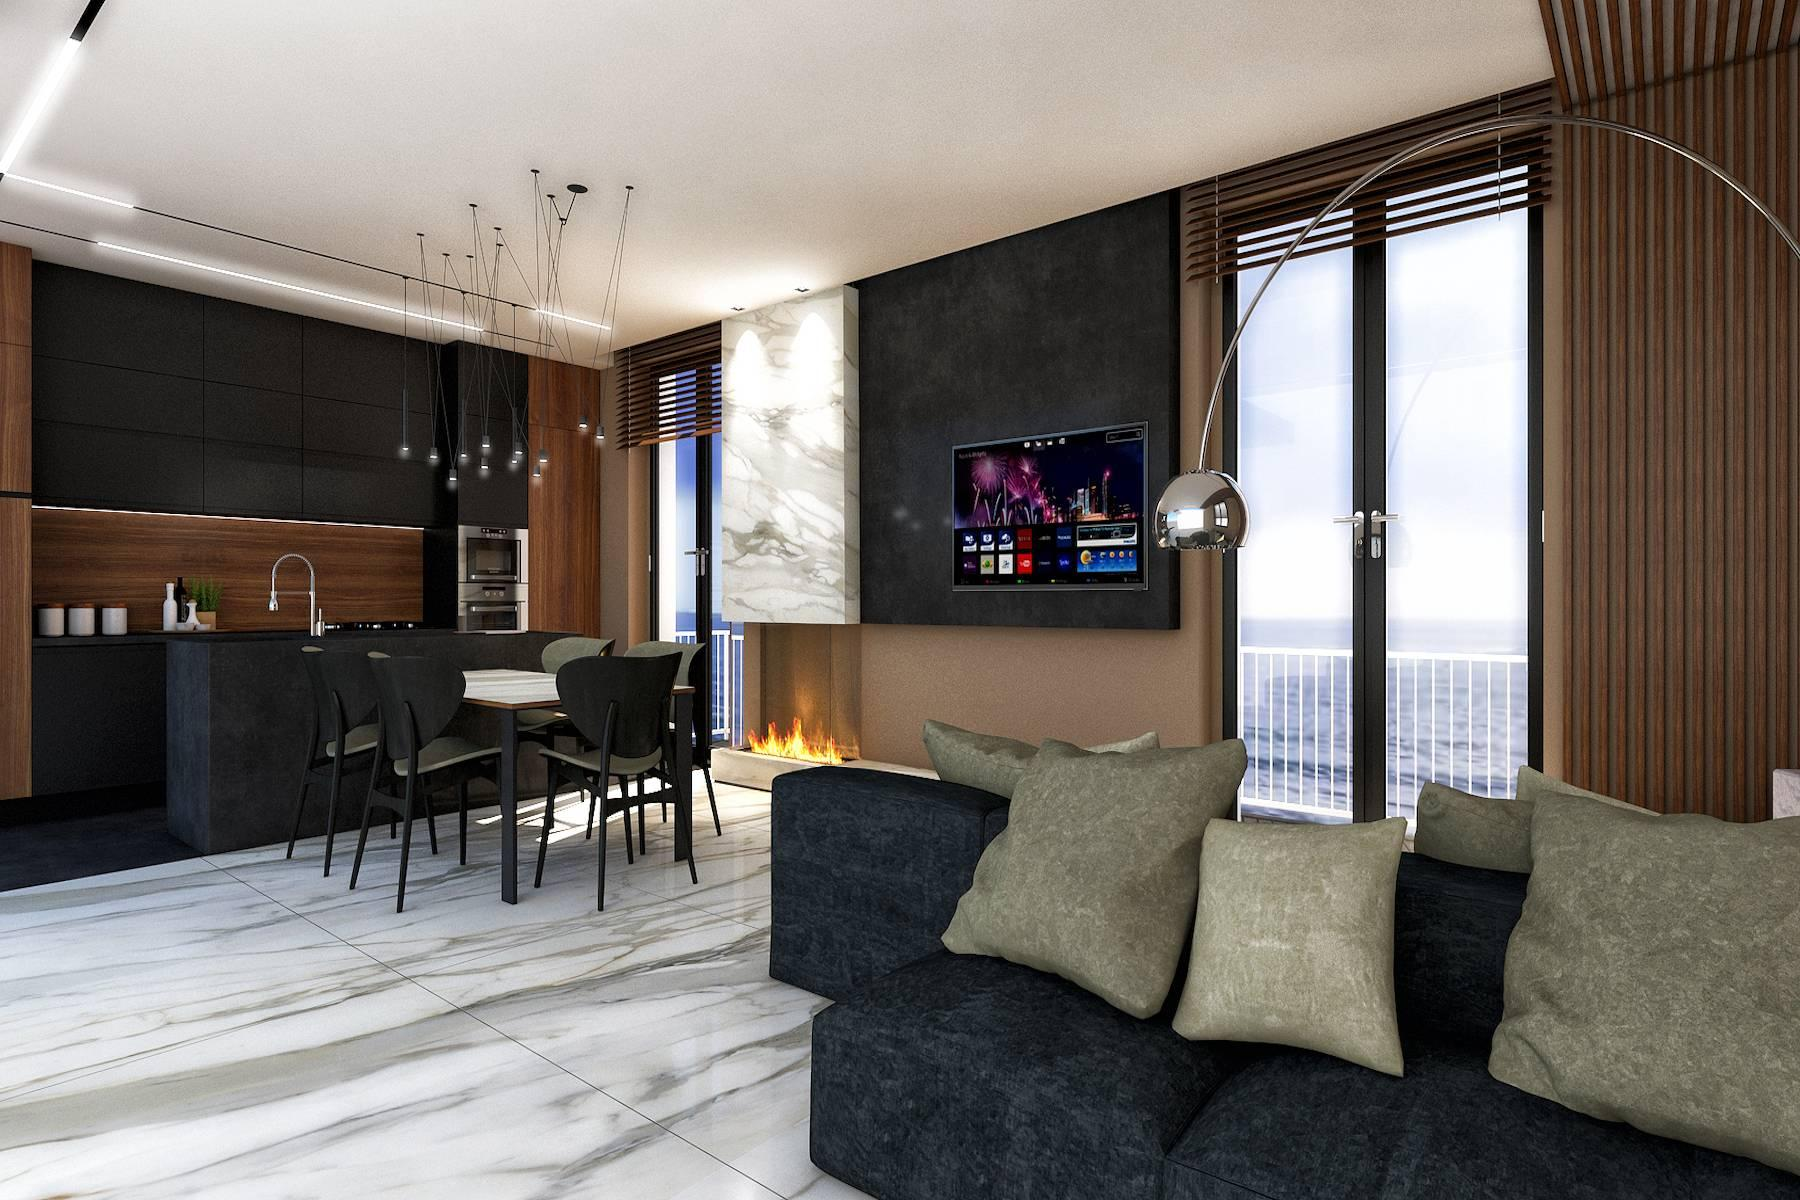 Luxury seafront apartment in Viareggio - 1